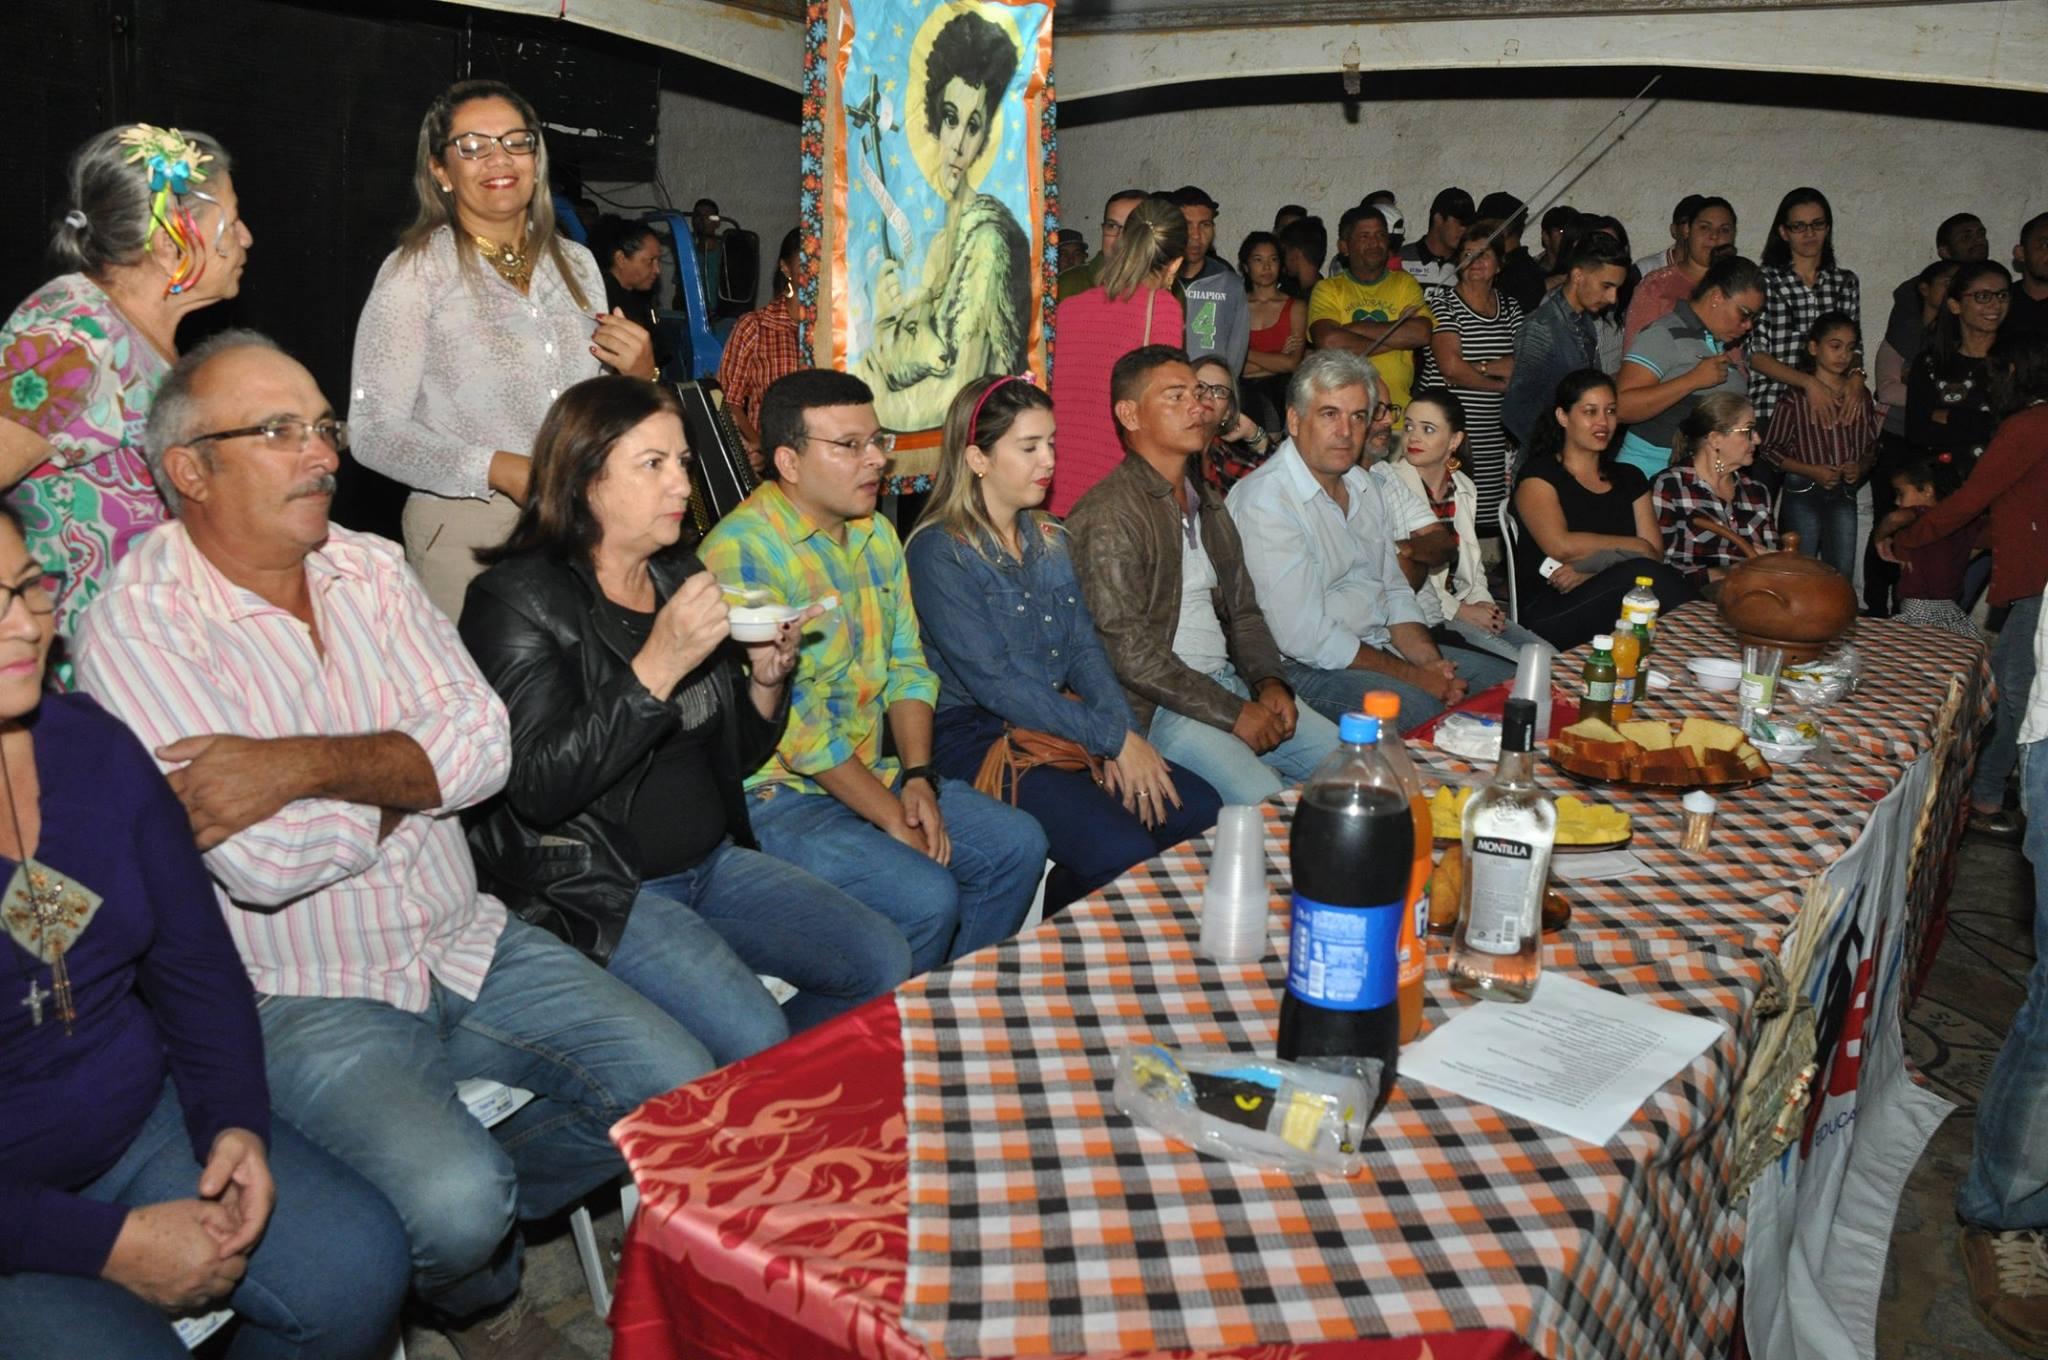 19092673_1899327017007155_6020430815591547824_o-1024x680 OPIPOCO mostra como foi a Segunda noite do festival de quadrilhas em Monteiro. Confira Imagens